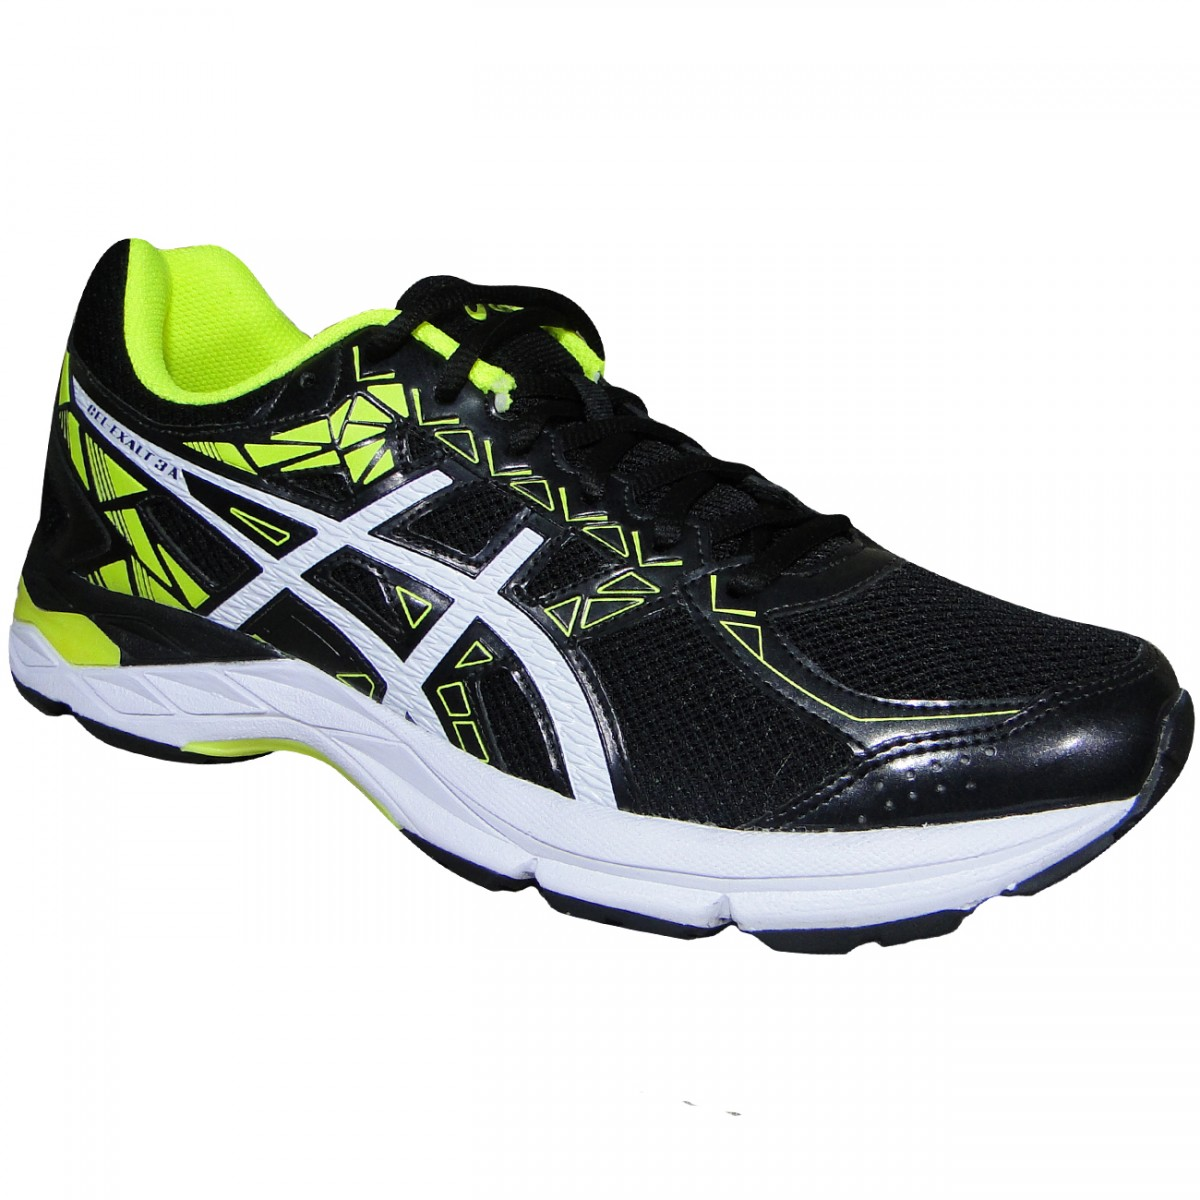 Tenis Asics Gel-Exalt 3 T013A 9001 - Preto Branco Limão - Chuteira Nike 7100008fa5380